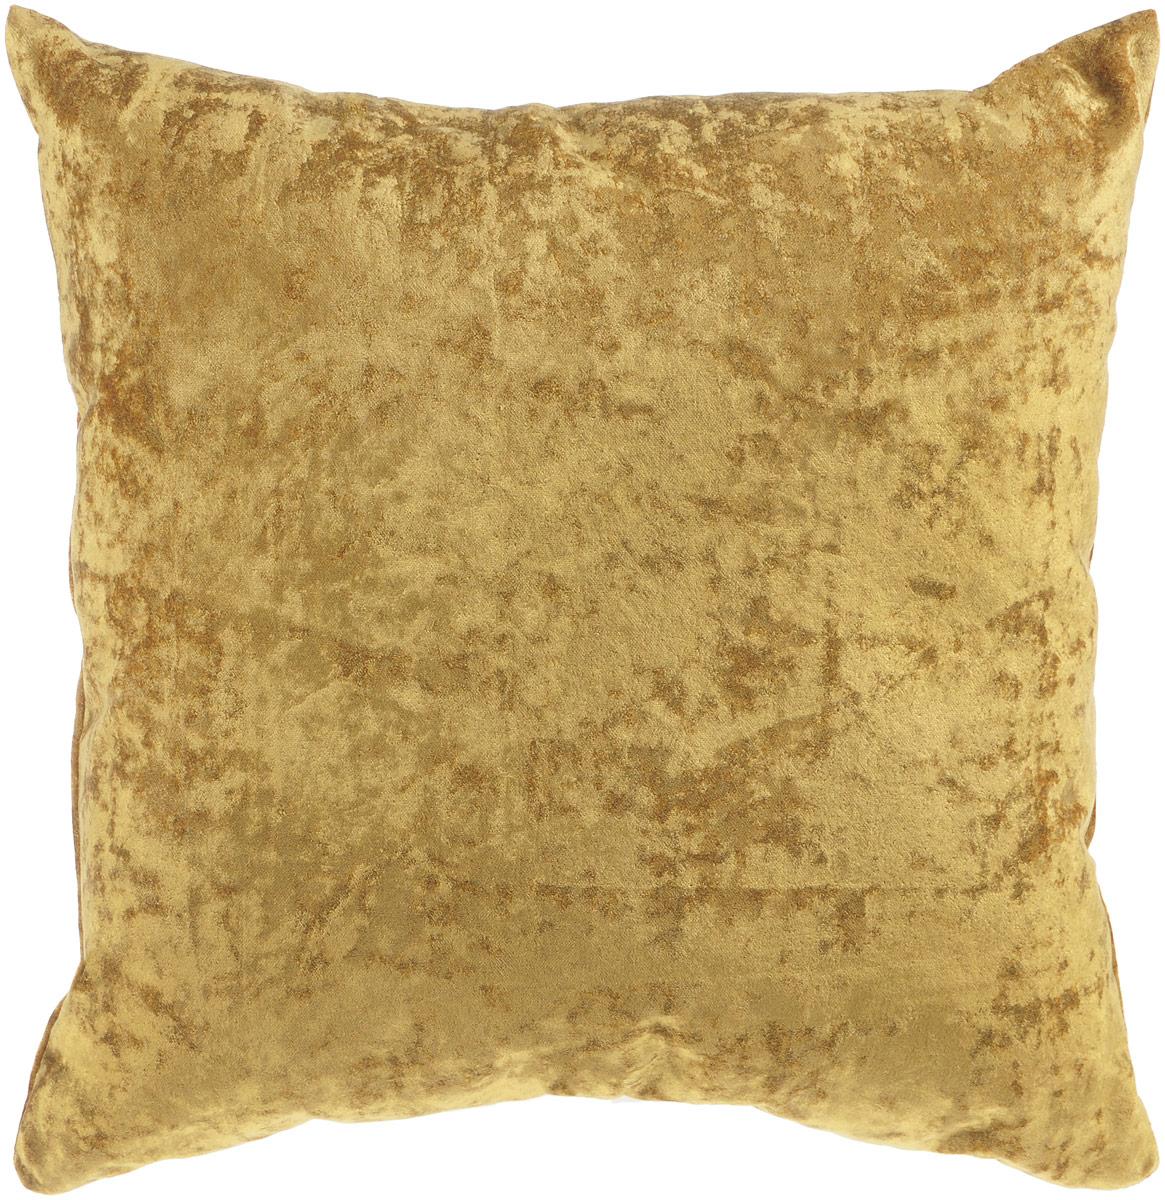 Подушка декоративная KauffOrt Бархат, цвет: горчичный, 40 x 40 смS03301004Декоративная подушка Бархат прекрасно дополнит интерьер спальни или гостиной. Бархатистый на ощупь чехол подушки выполнен из 49% вискозы, 42% хлопка и 9% полиэстера. Внутри находится мягкий наполнитель. Чехол легко снимается благодаря потайной молнии.Красивая подушка создаст атмосферу уюта и комфорта в спальне и станет прекрасным элементом декора.